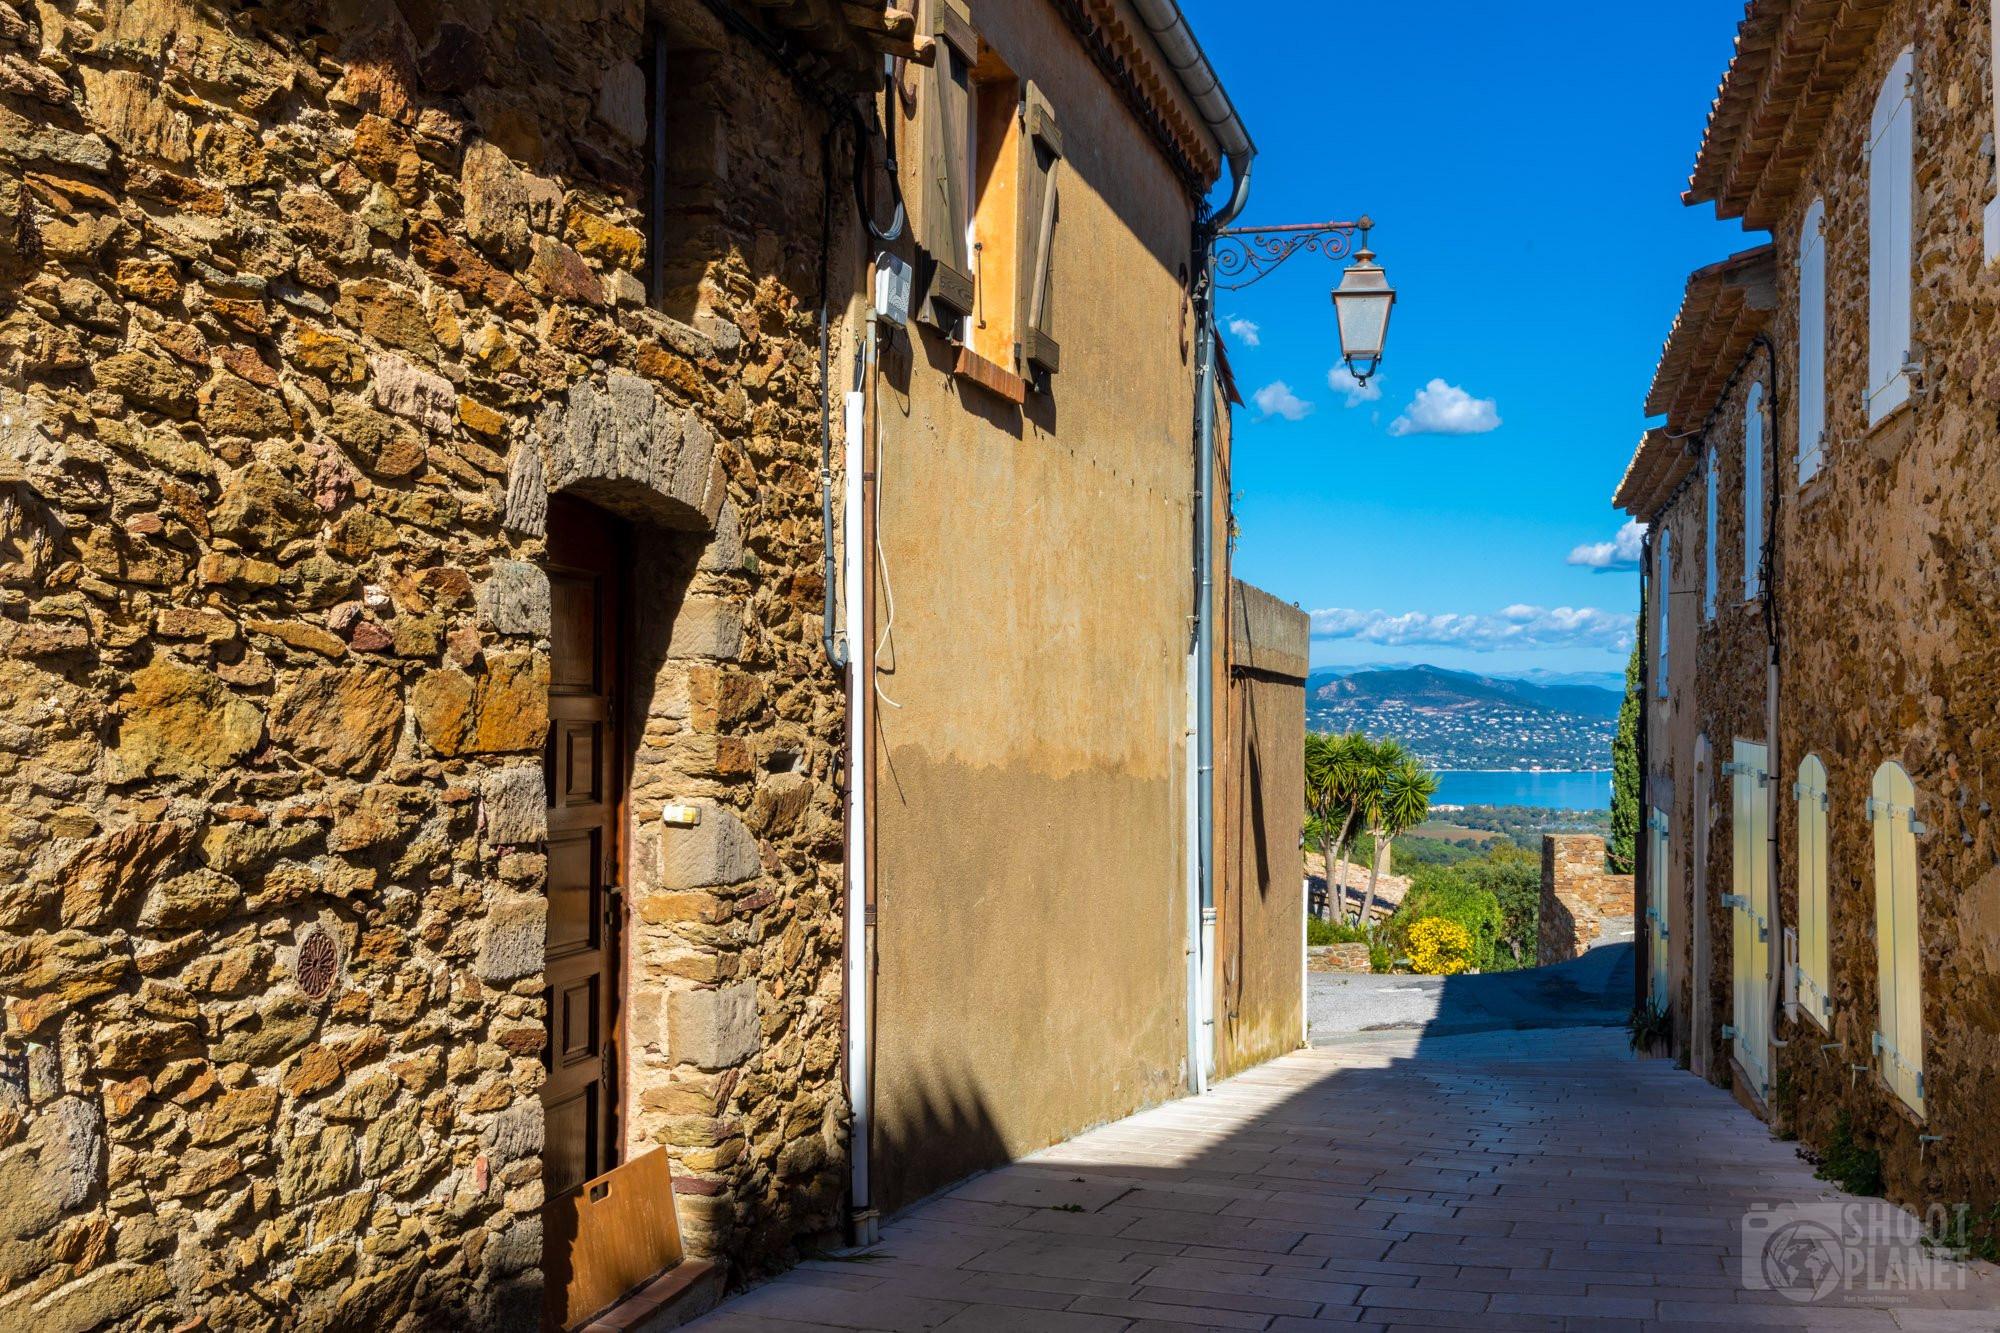 Gassin ancient village, near Saint-Tropez, France